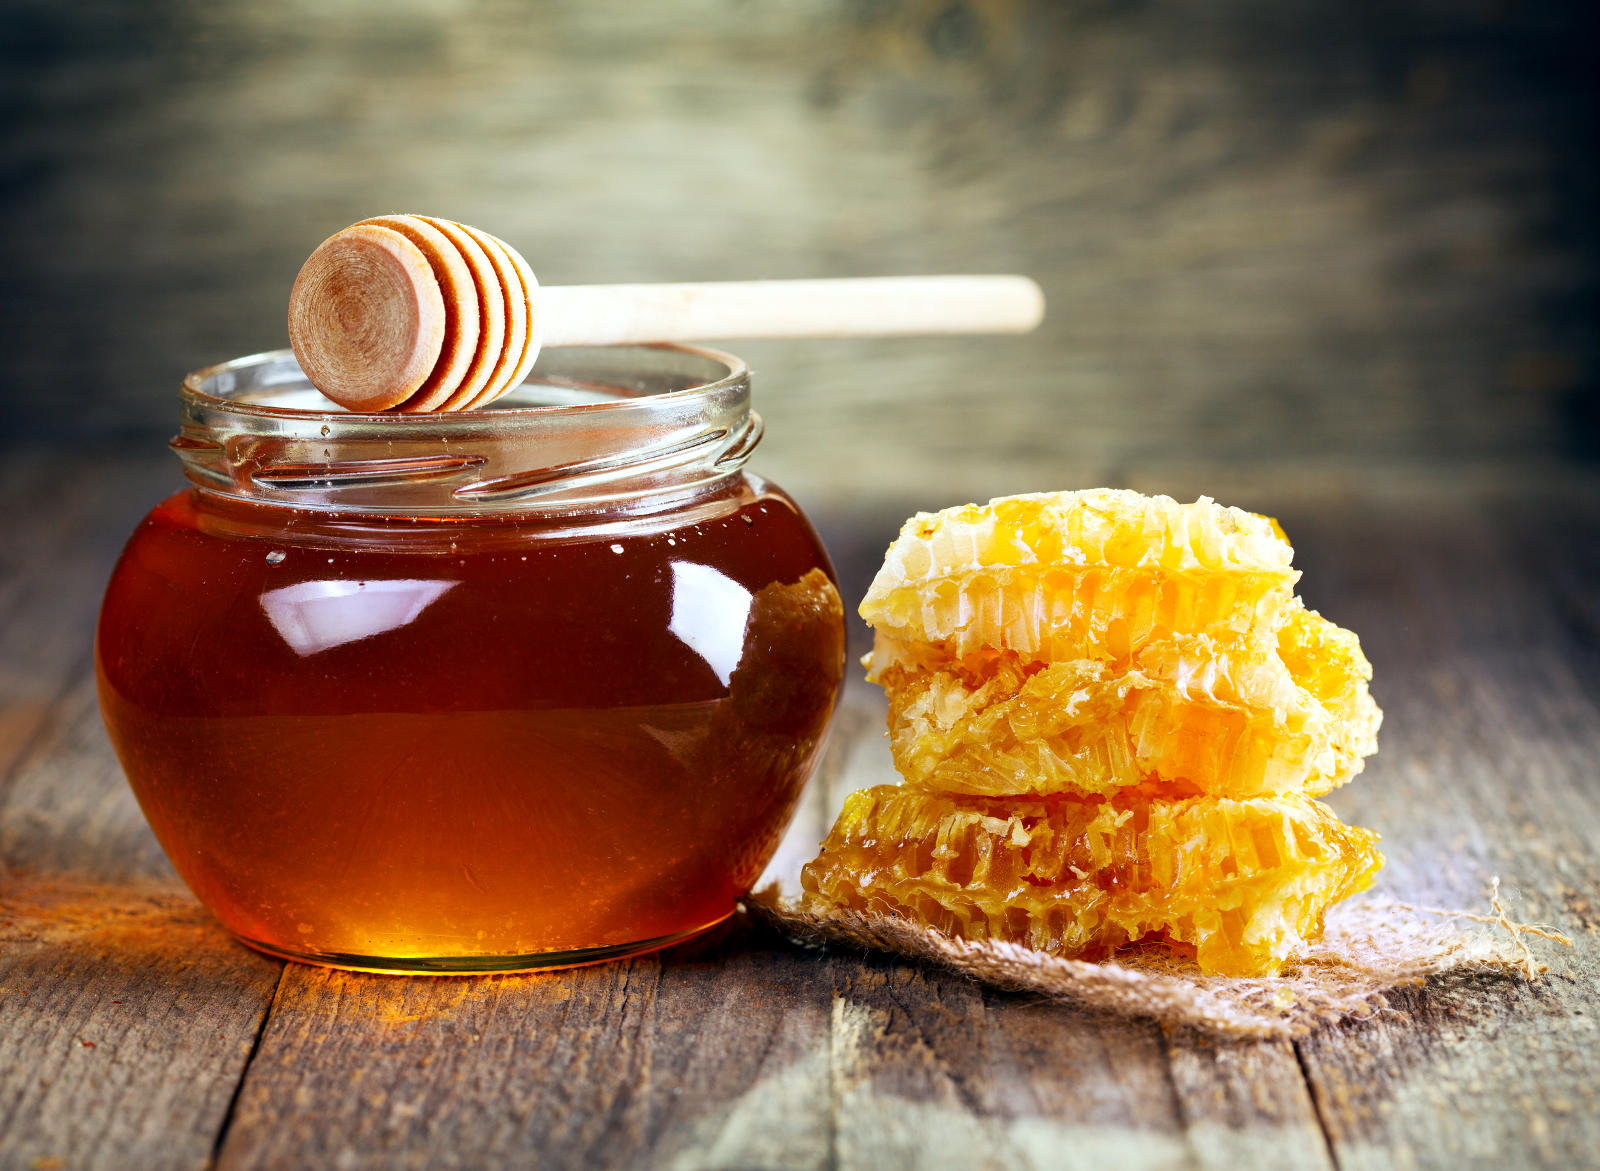 Суровият пчелен мед съдържа пробиотици с множество полезни свойства